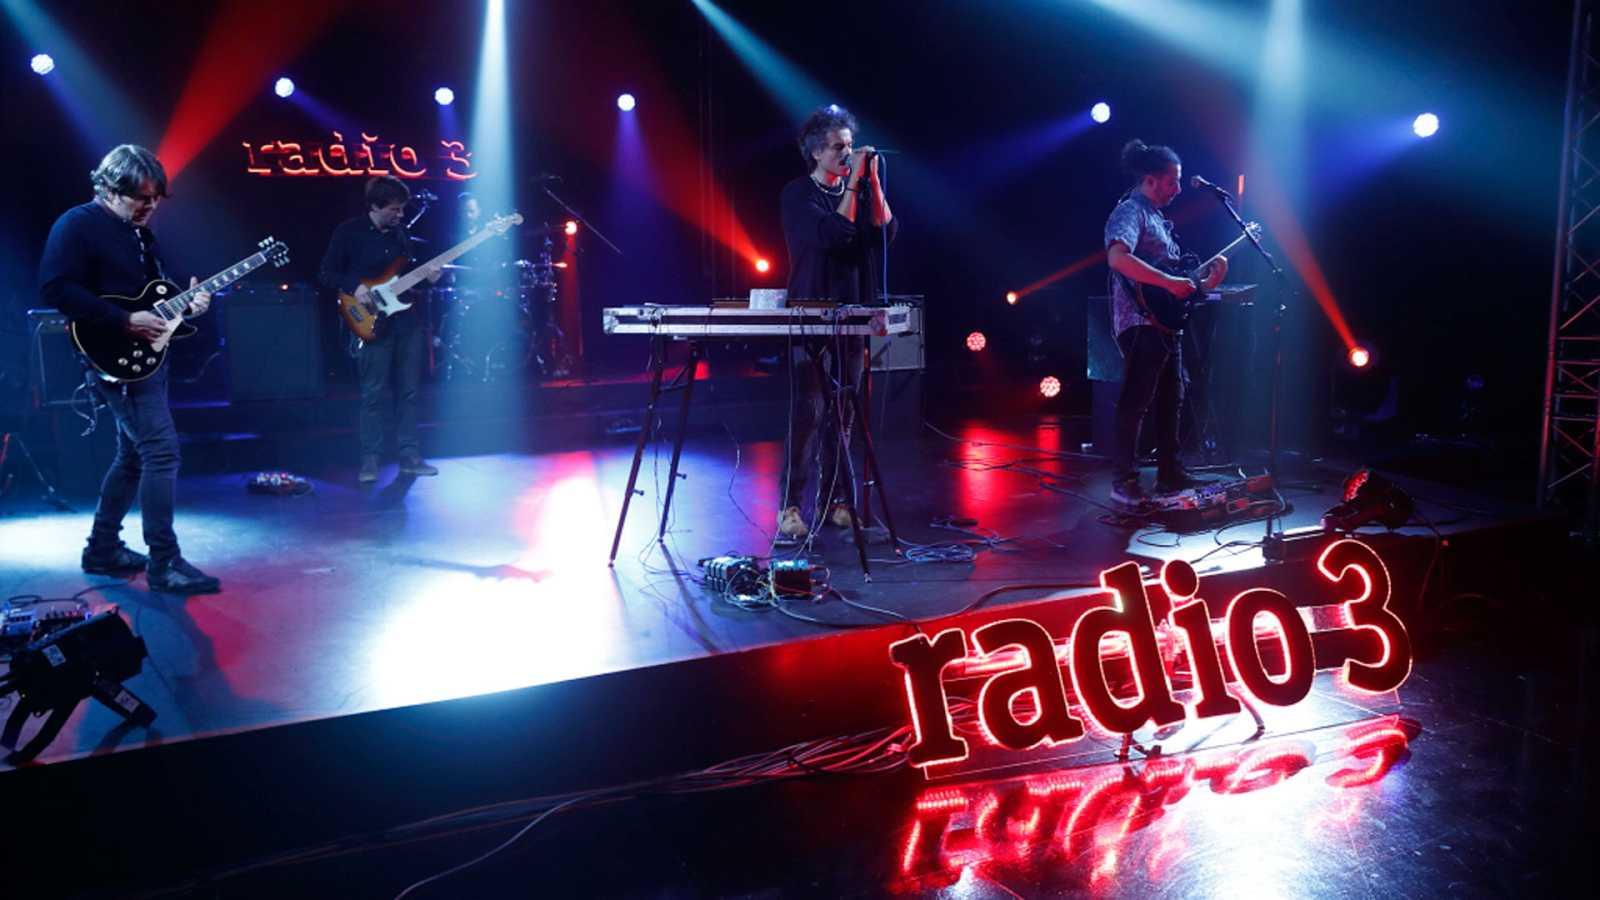 Los conciertos de Radio 3 - Zirconita - ver ahora